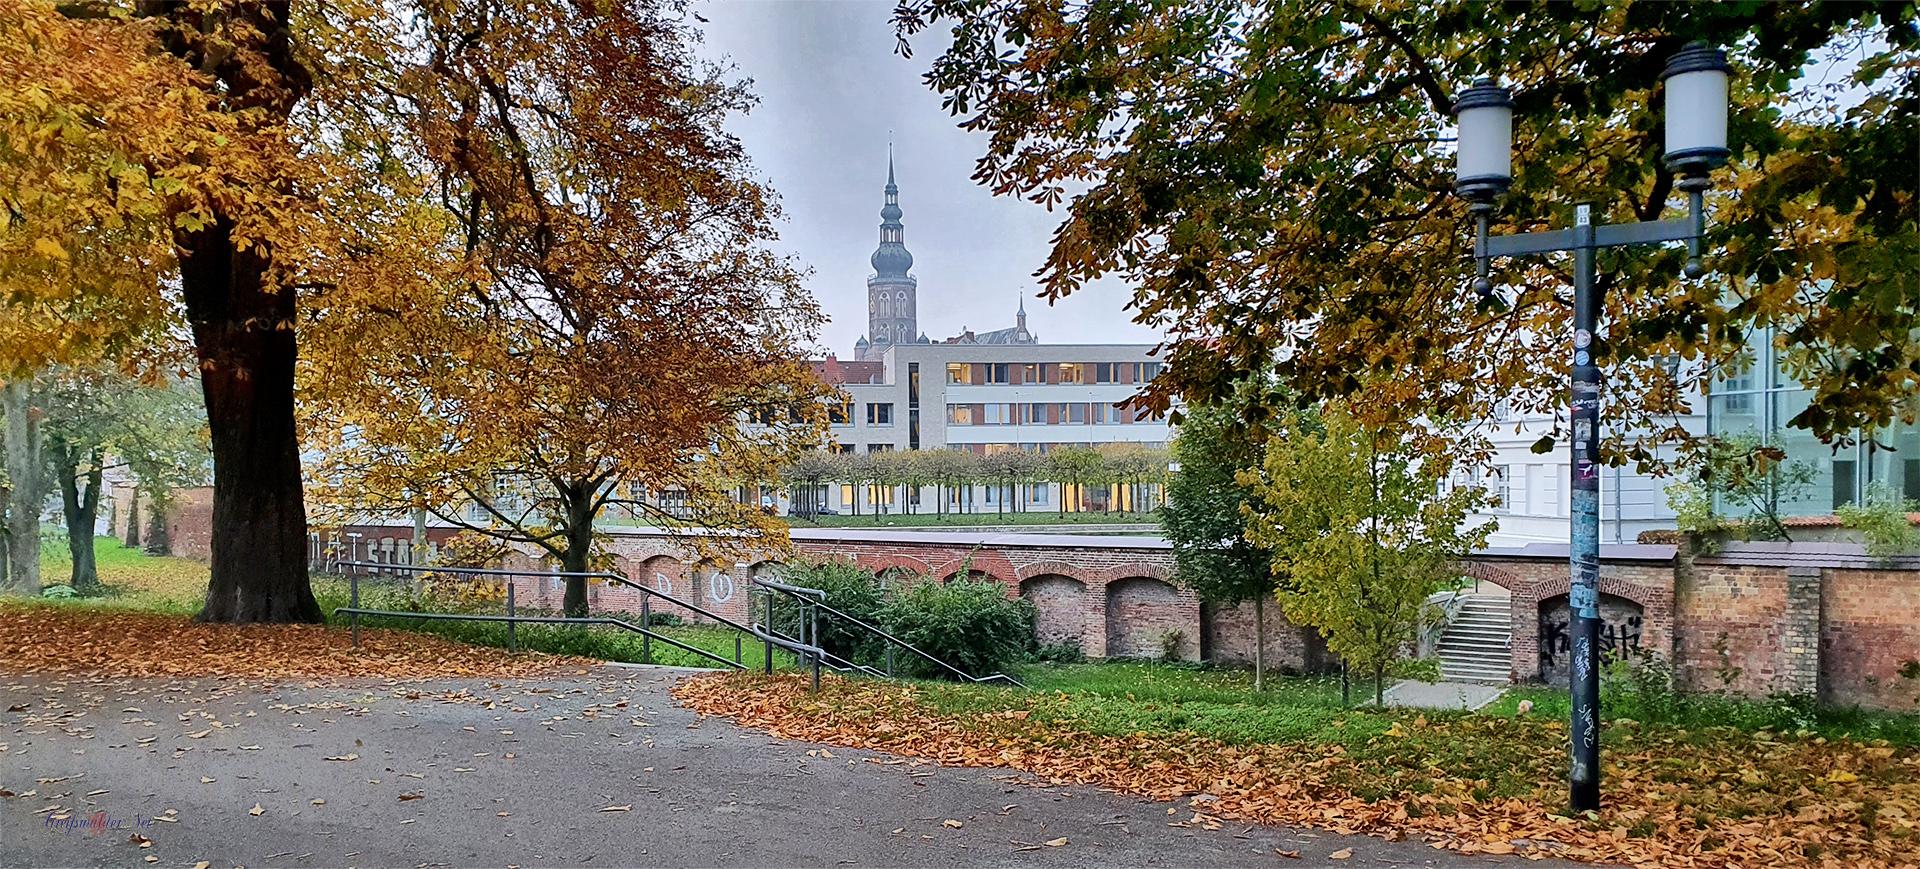 Herbststimmung auf dem Wall in Greifswald - Blick zum Dom St. Nikolai